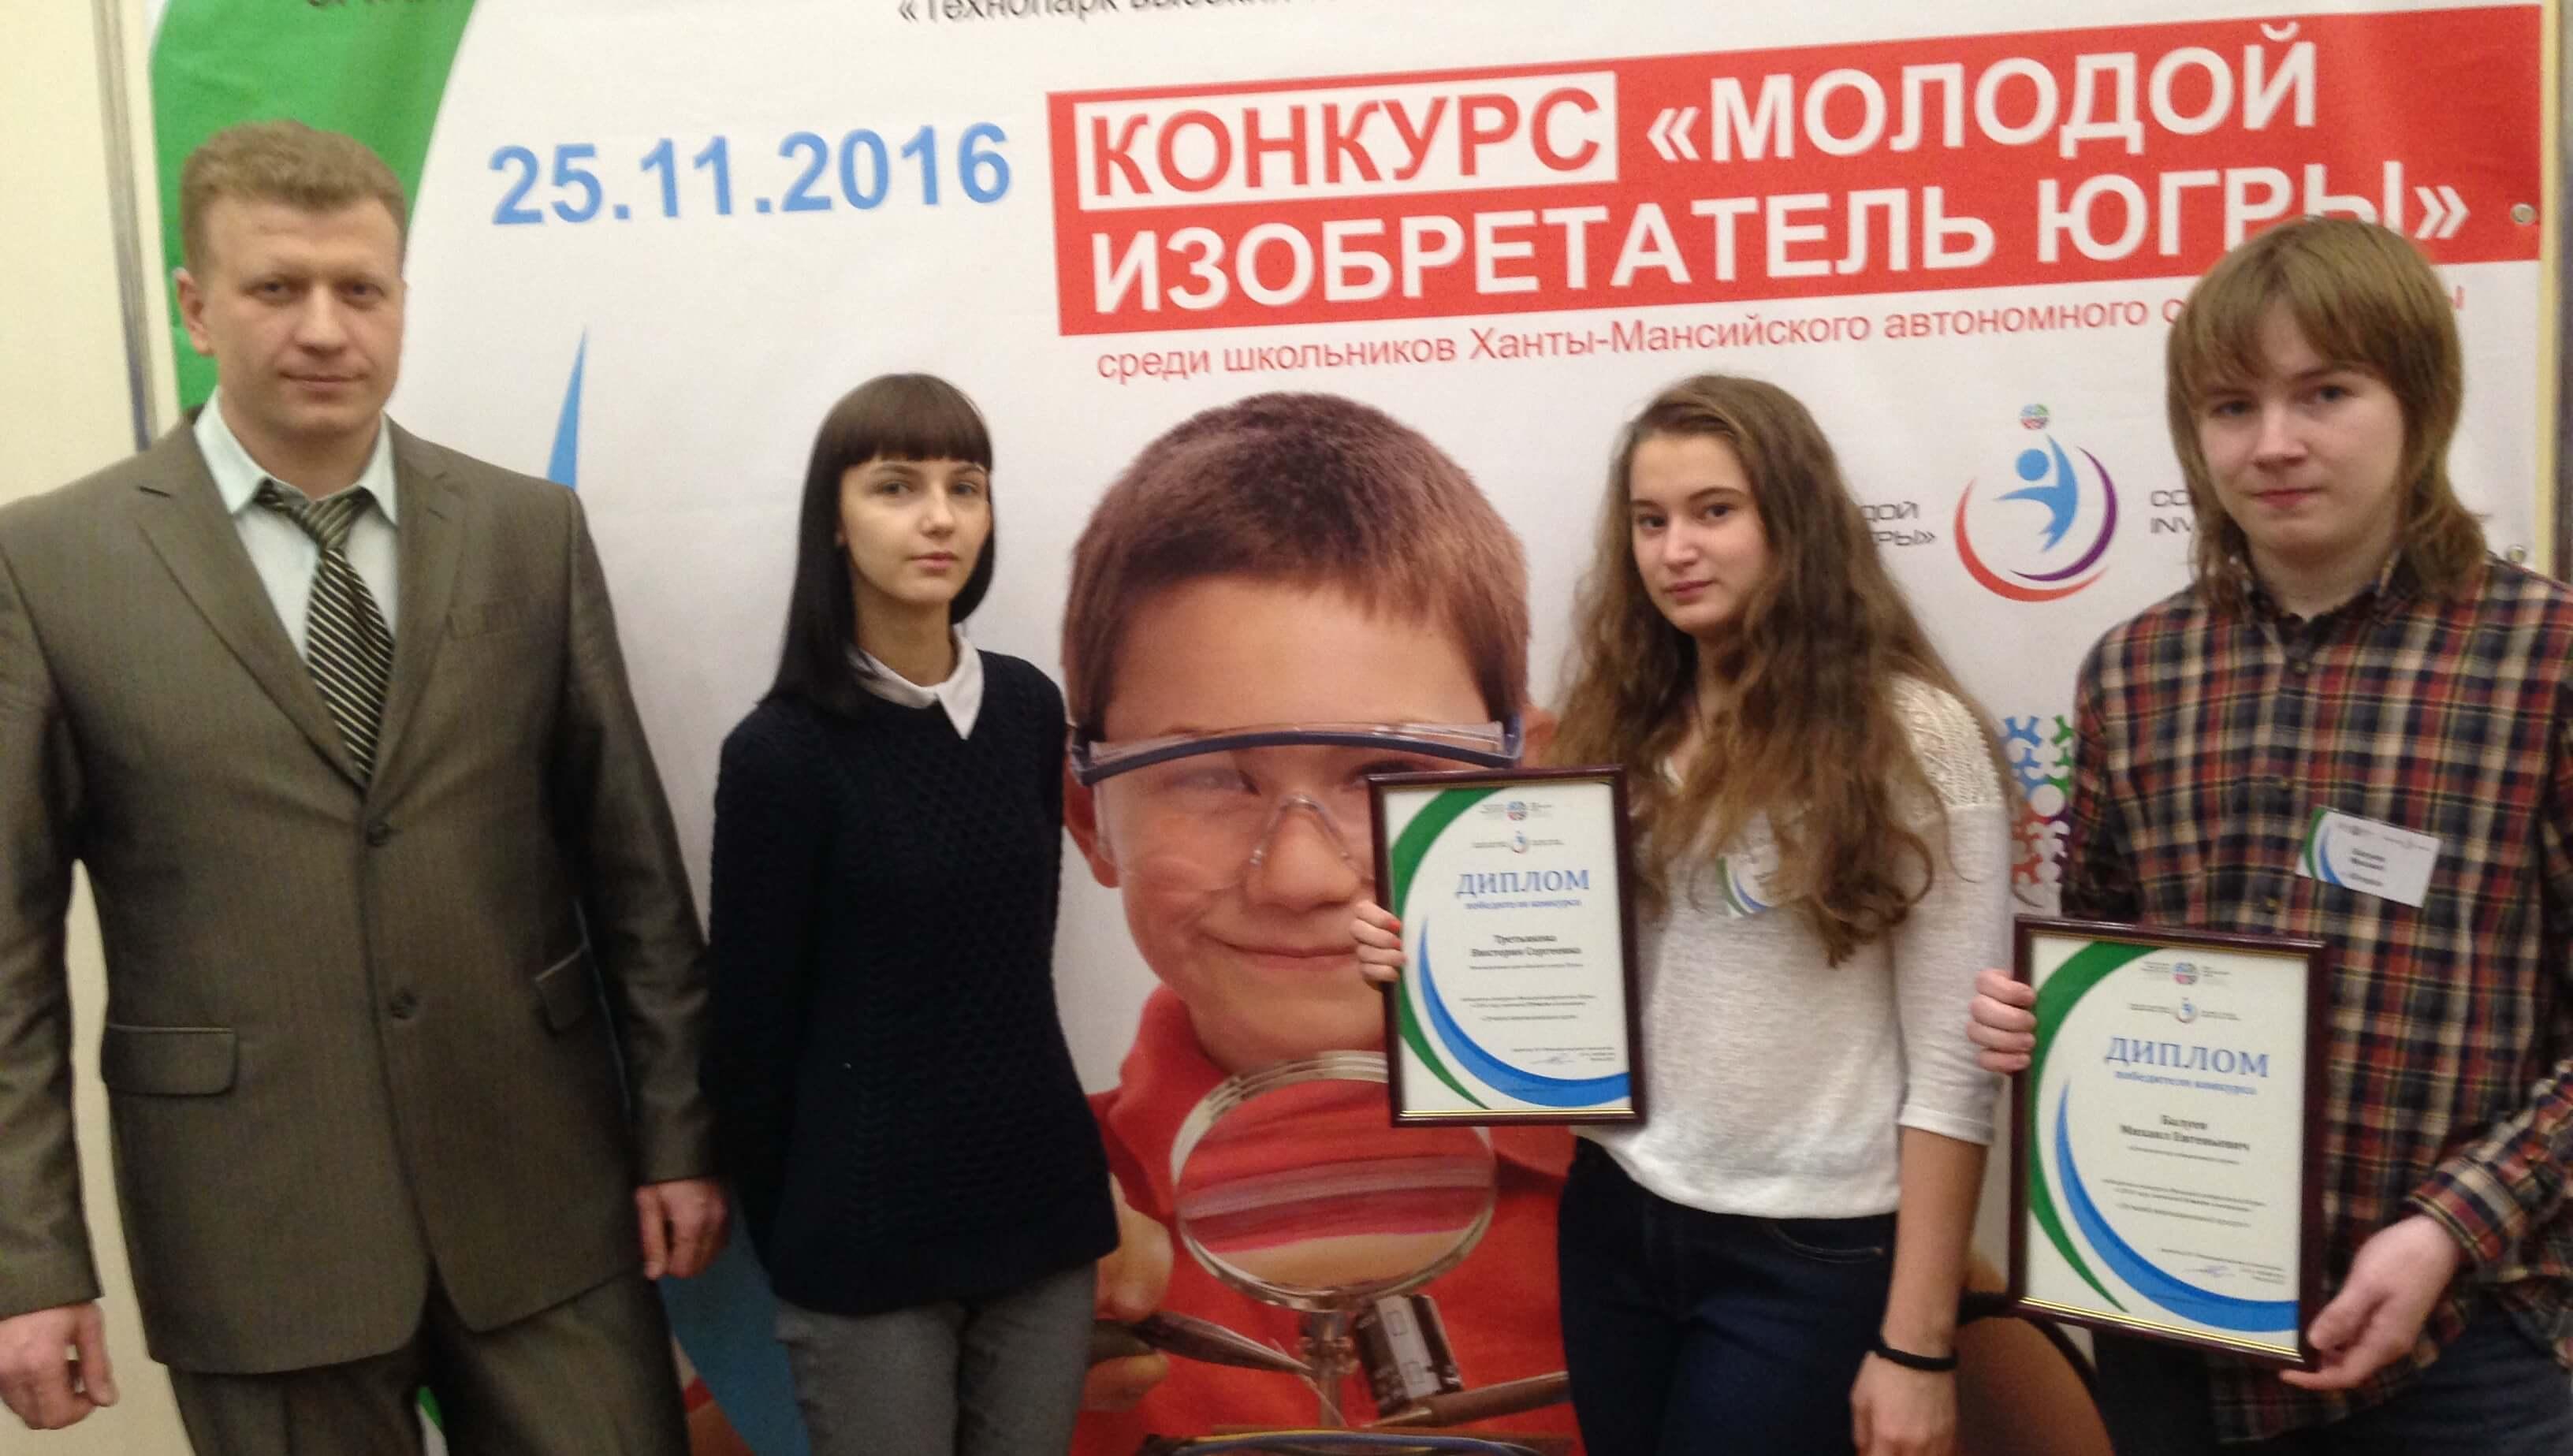 Югорск вновь среди призеров Окружного этапа конкурса «Молодой изобретатель»